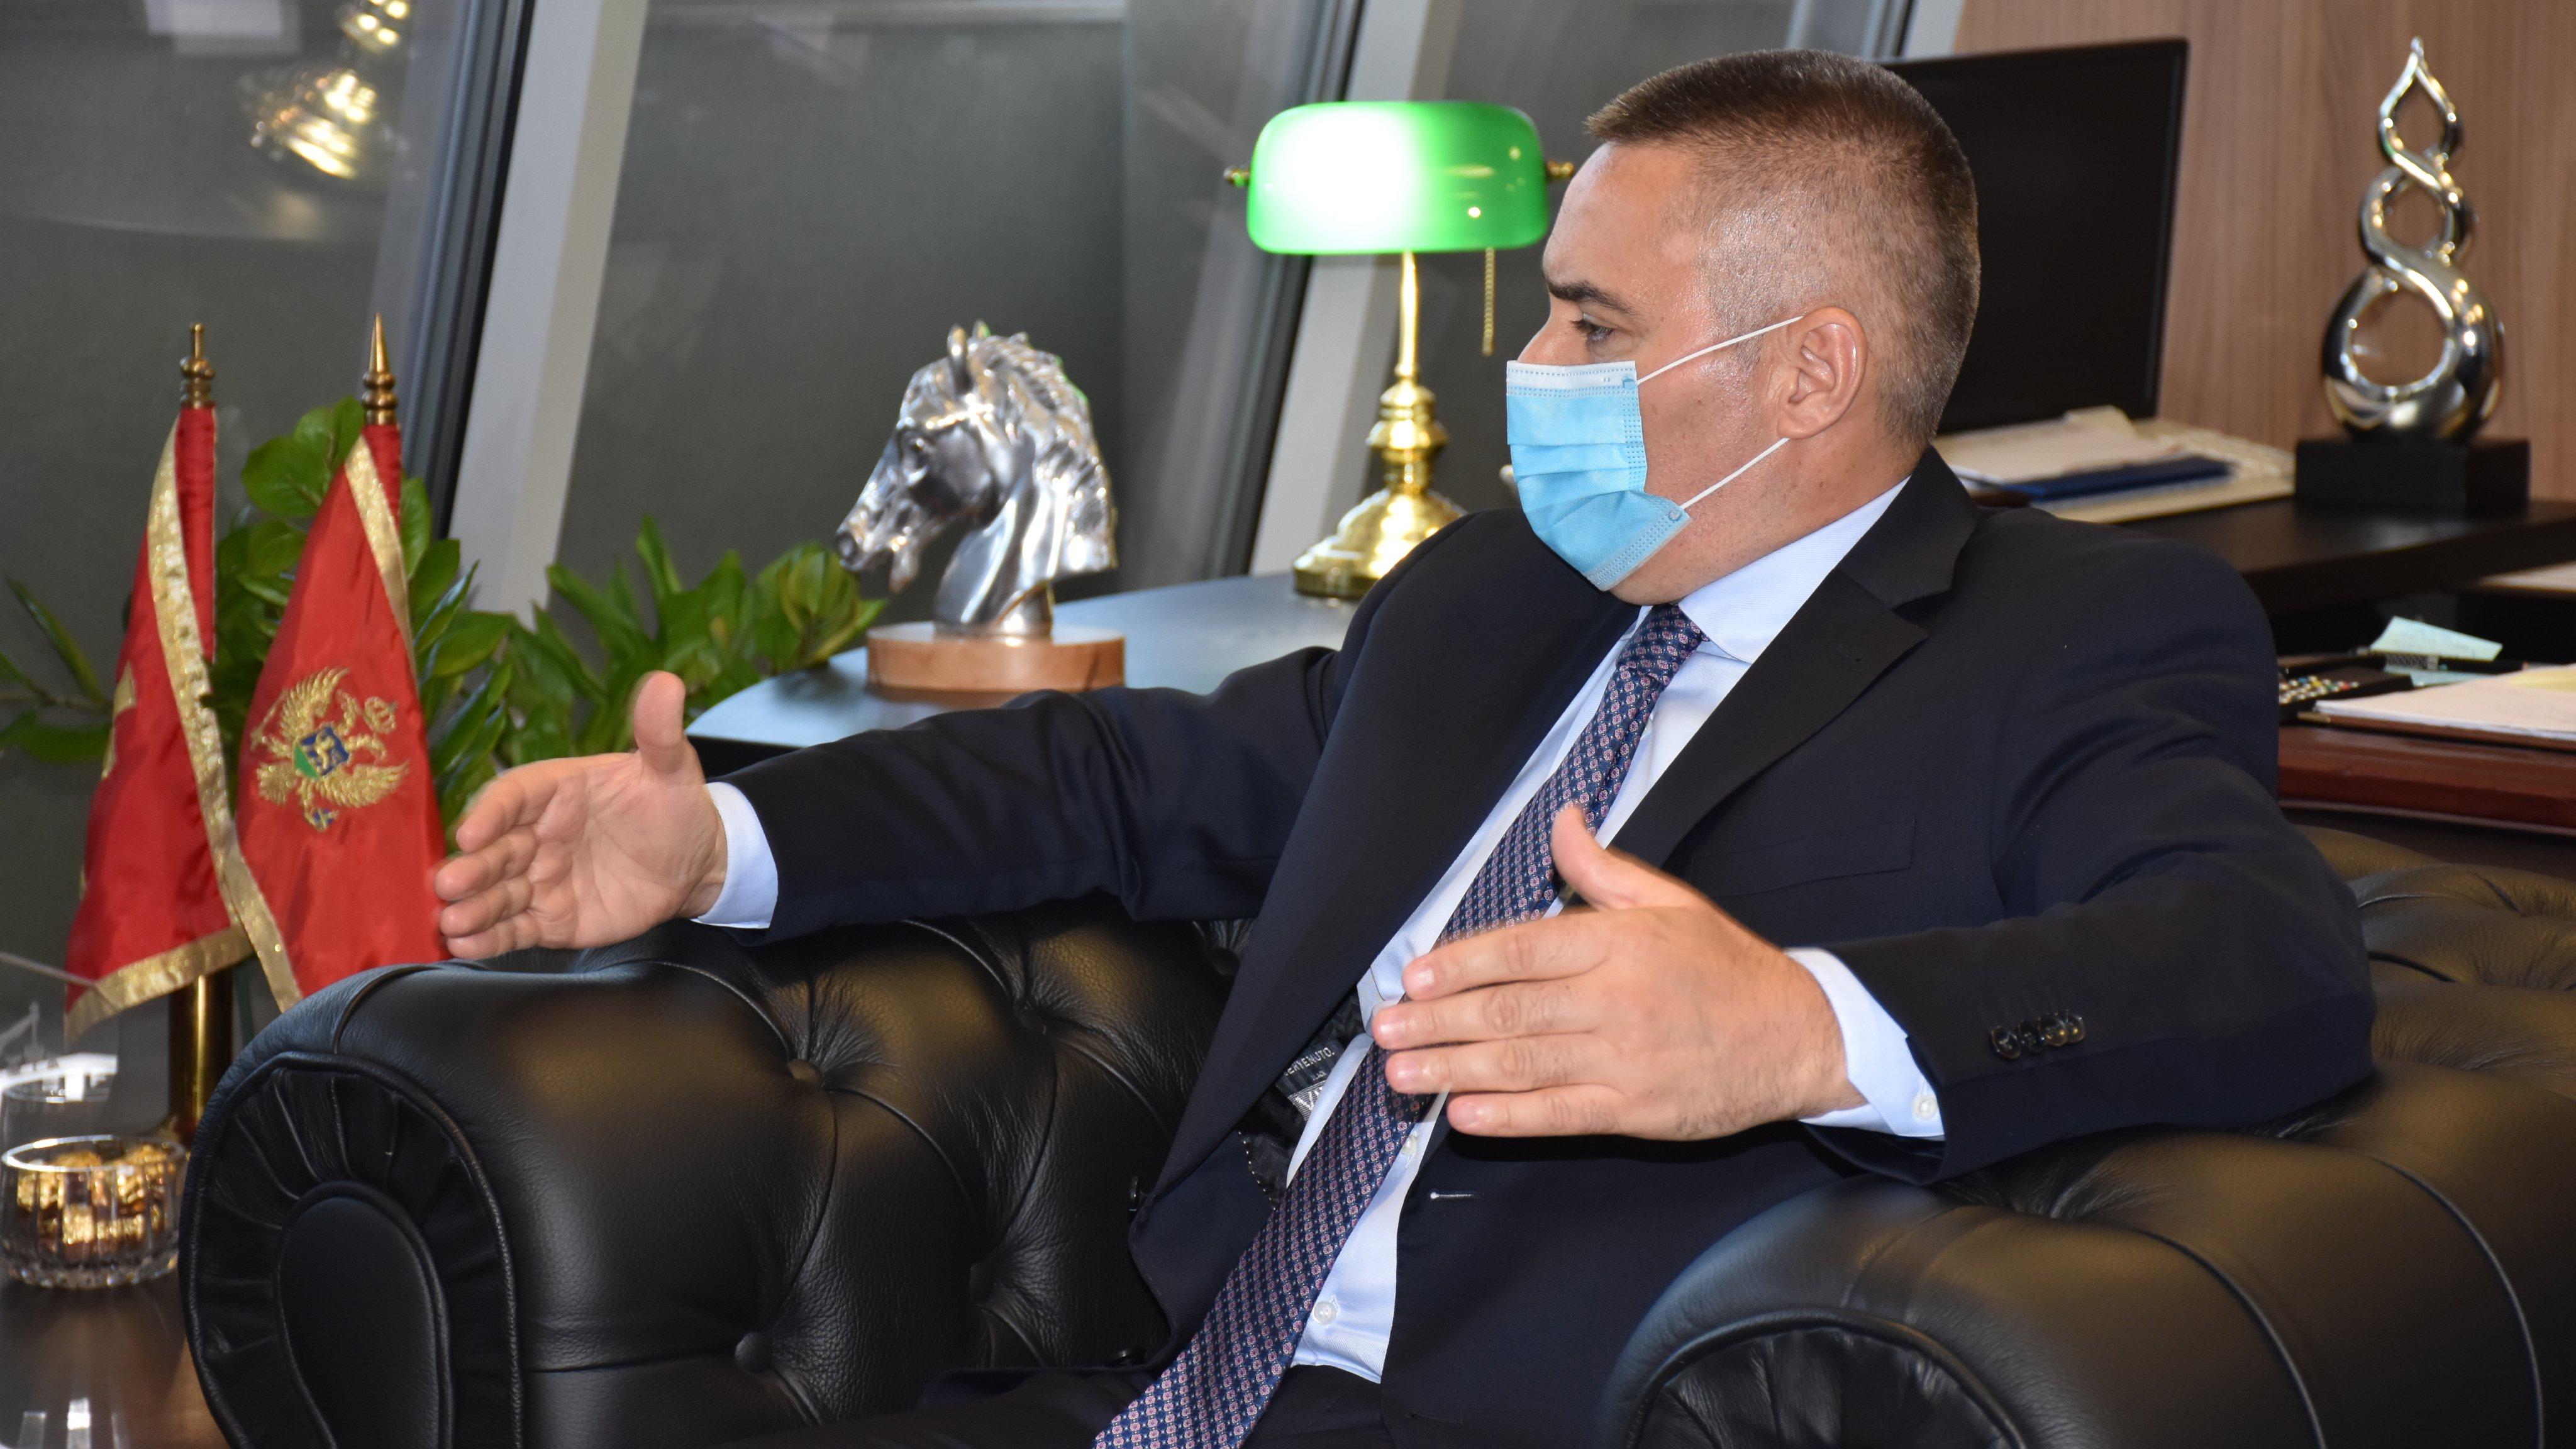 Veljović premijeru: Kada sljedeći put budete tražili krivca za bunt naroda i protest pogledajte u ogledalo